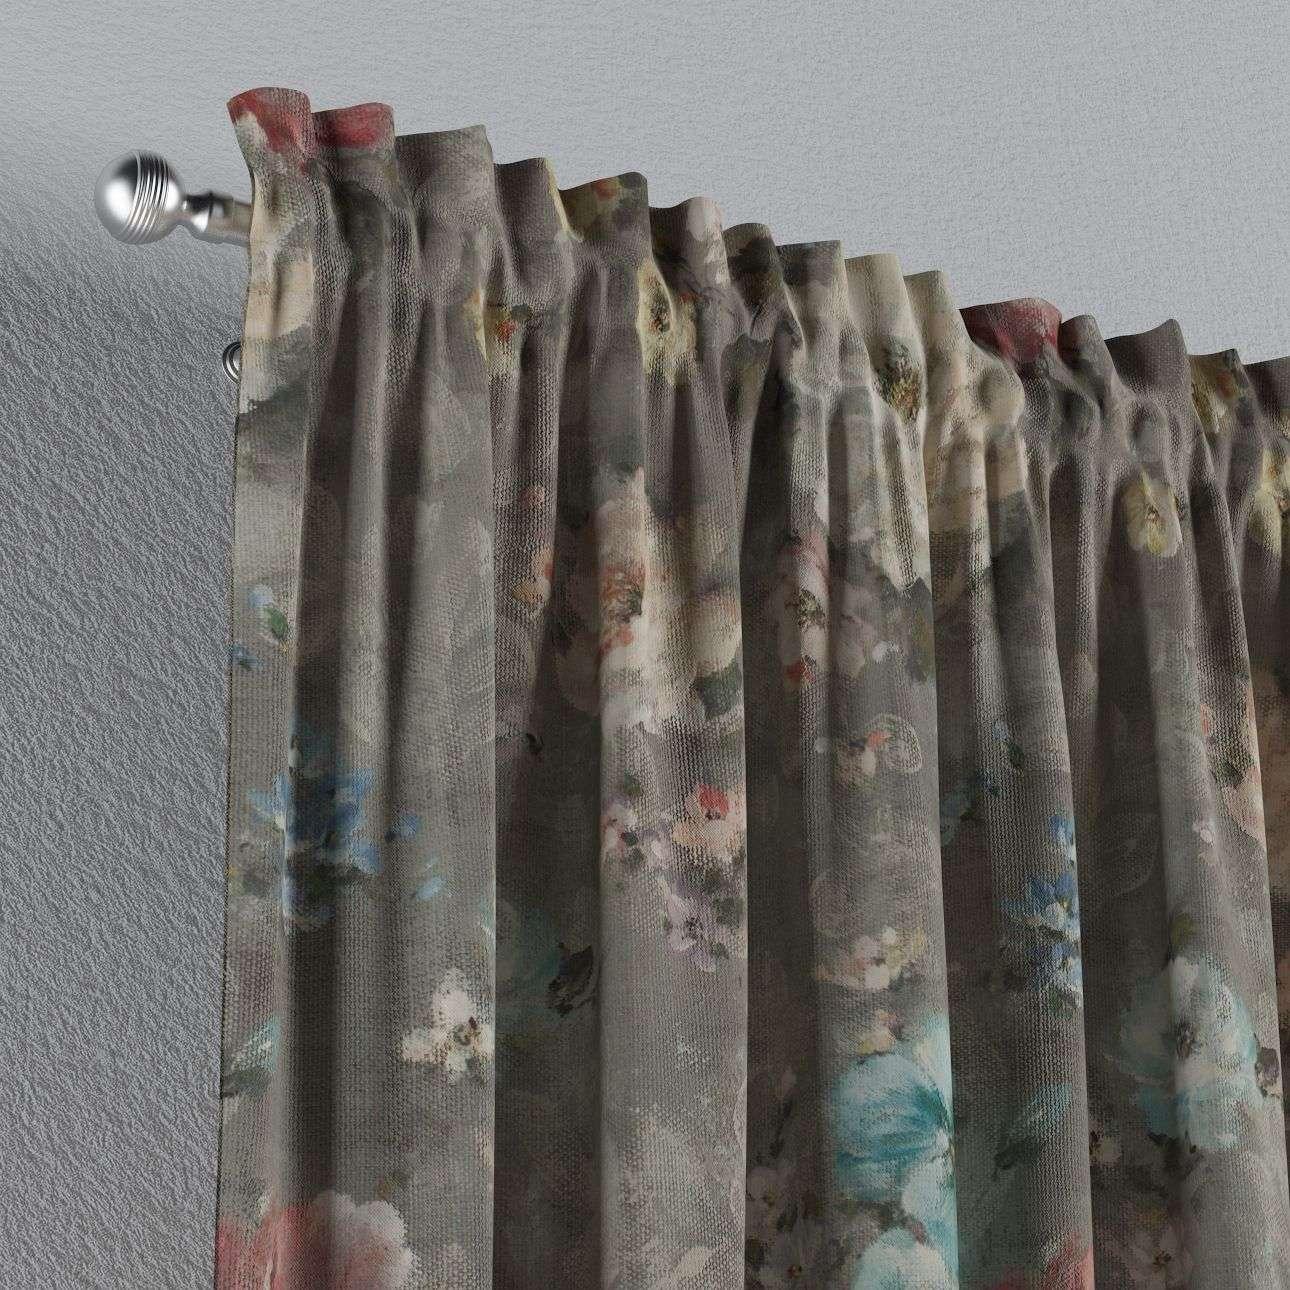 Závěs na tunýlku s volánkem 130 x 260 cm v kolekci Monet, látka: 137-81